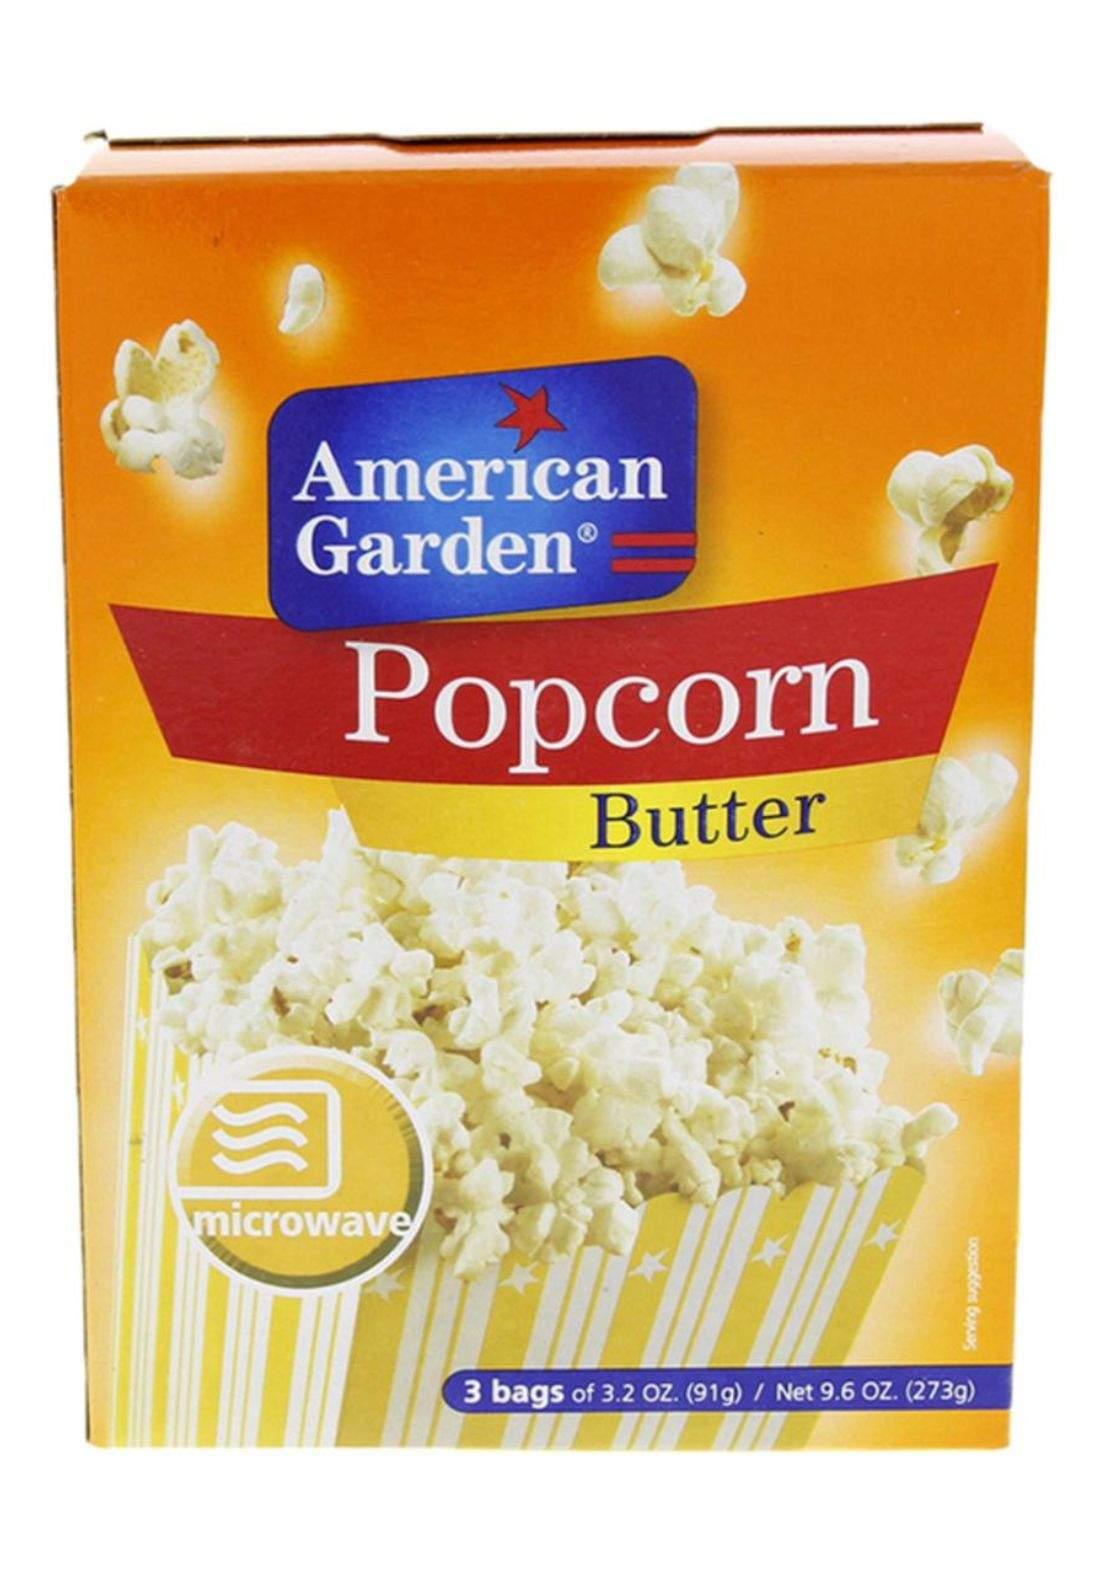 Popcorn with butter فُشار سريعة التحضير مع زبدة